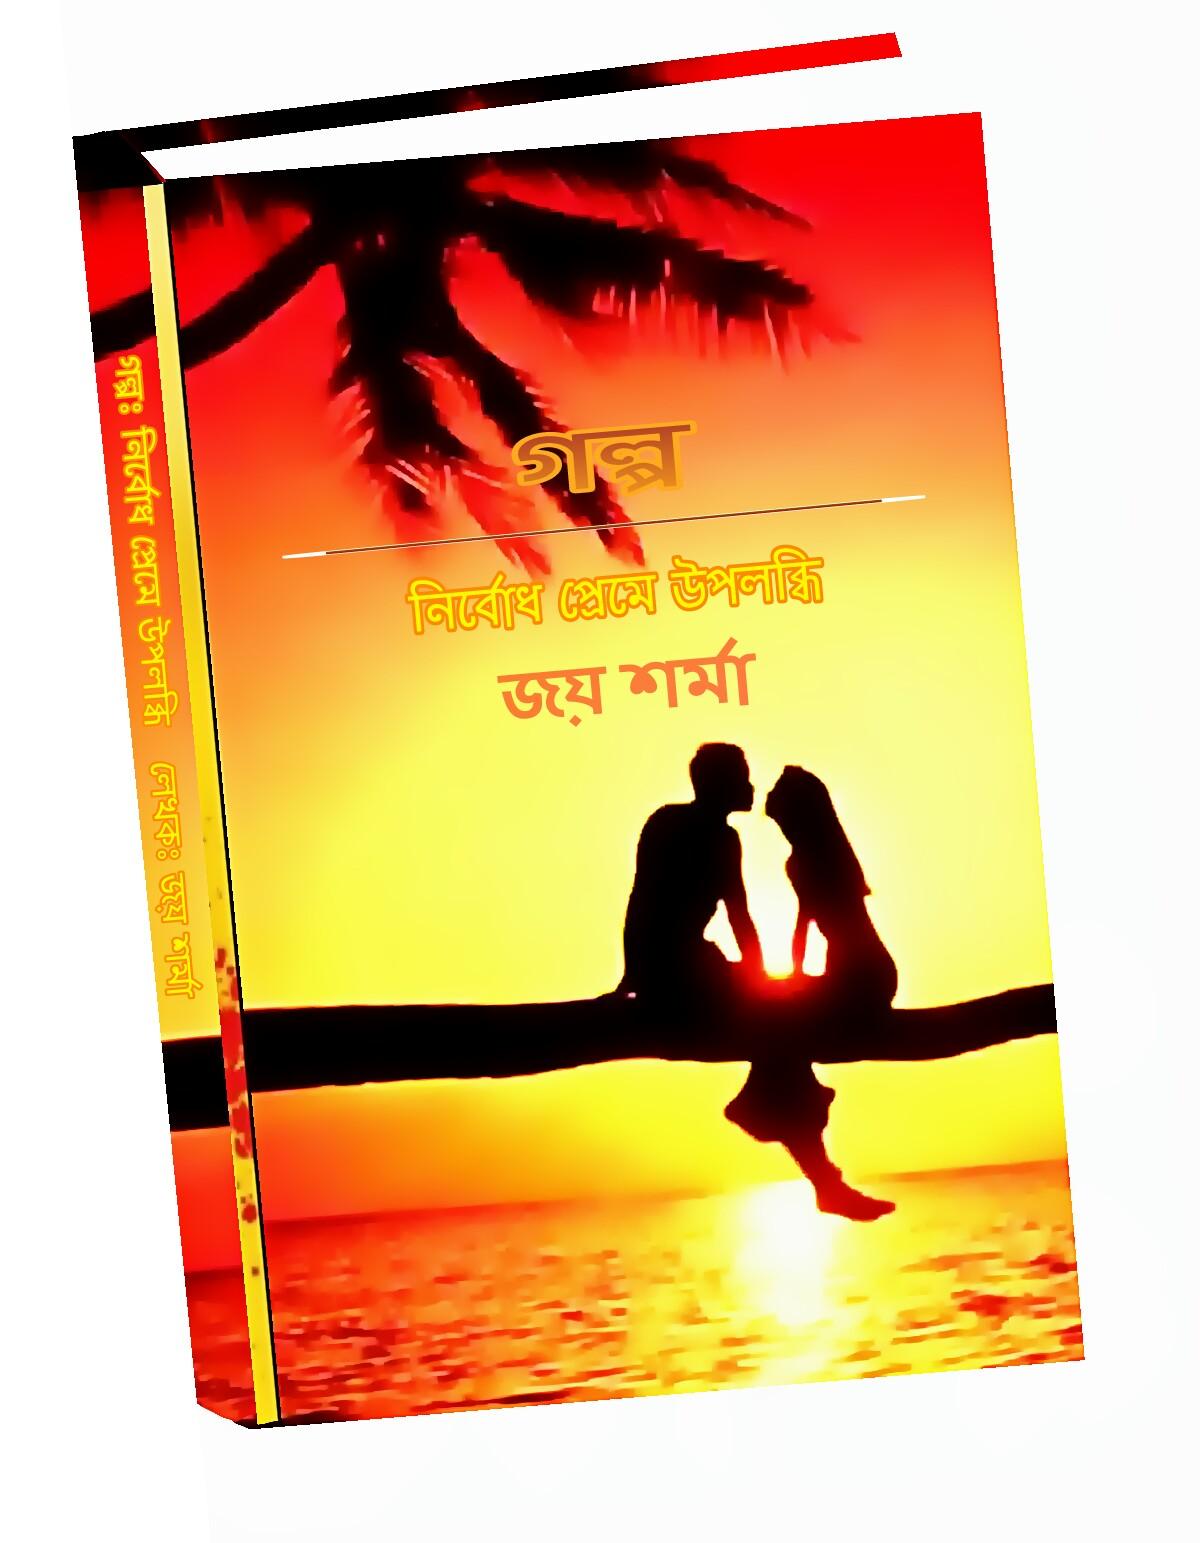 """গল্পঃ নির্বোধ প্রেমে উপলব্ধি """"জয় শর্মা"""""""